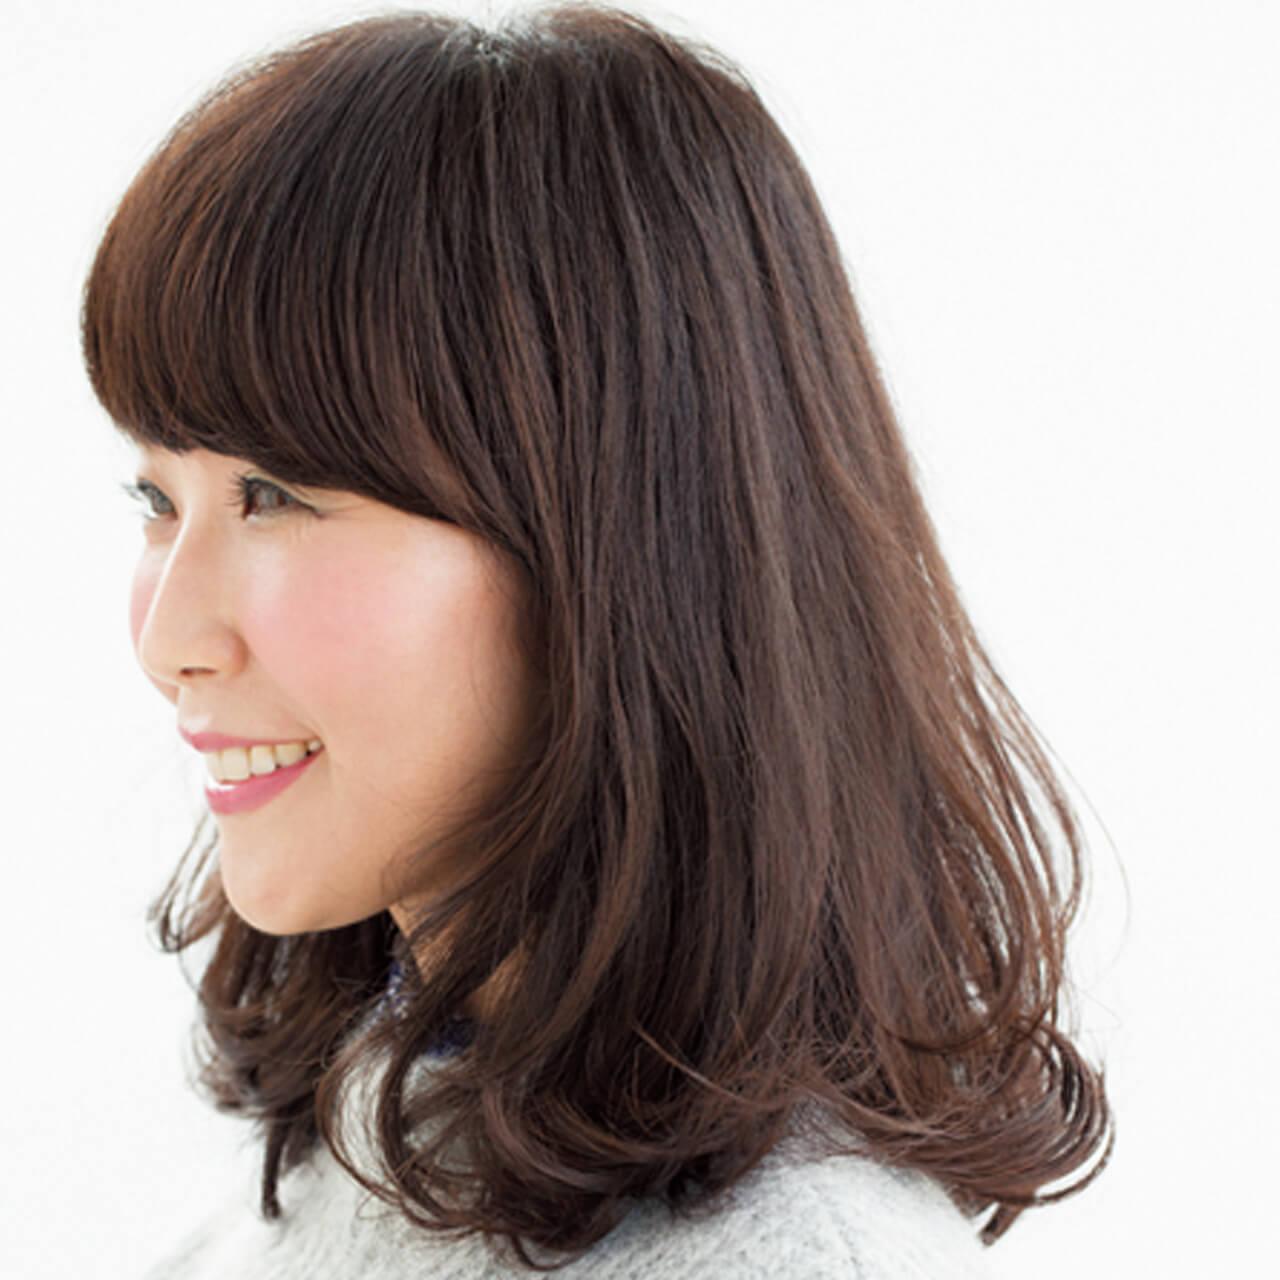 毛先の厚みでボリューミーなツヤ髪を実現【40代のミディアムヘア】_1_2